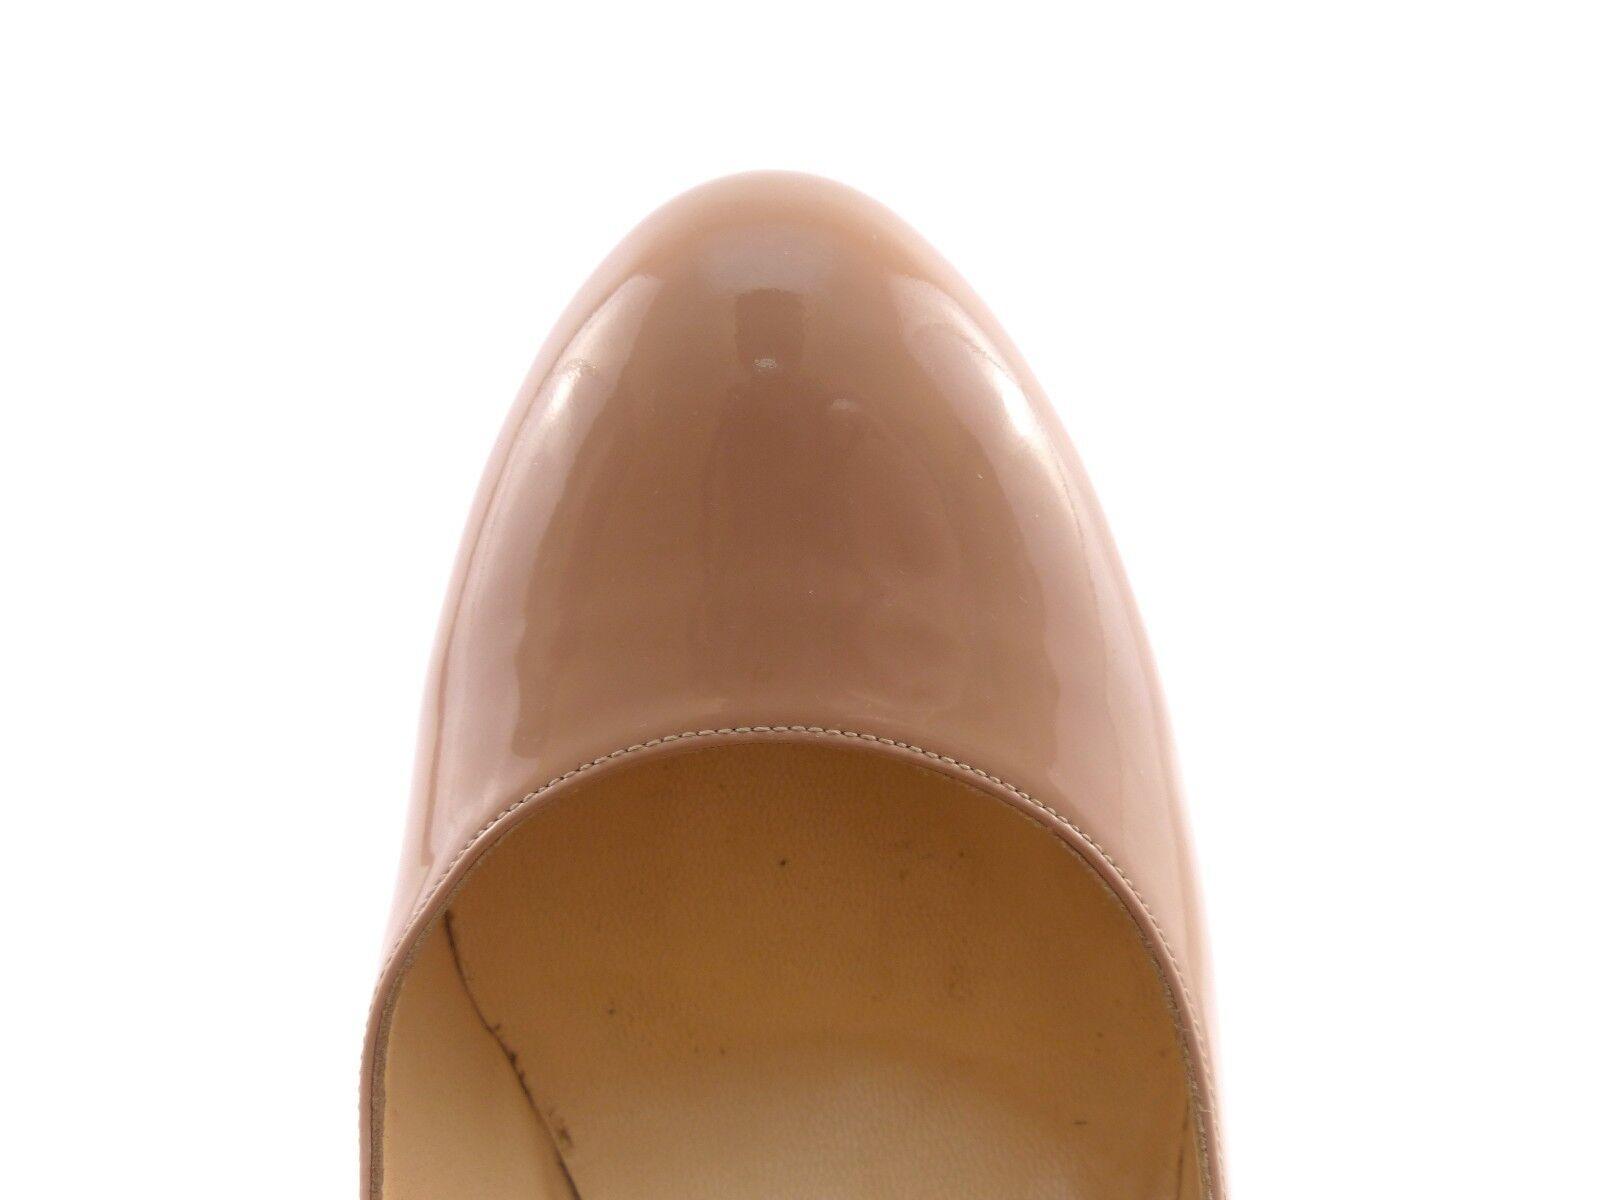 Christian Louboutin 'white 140' Nude Patent Patent Patent  UK 6   EU 39   US 9 490127